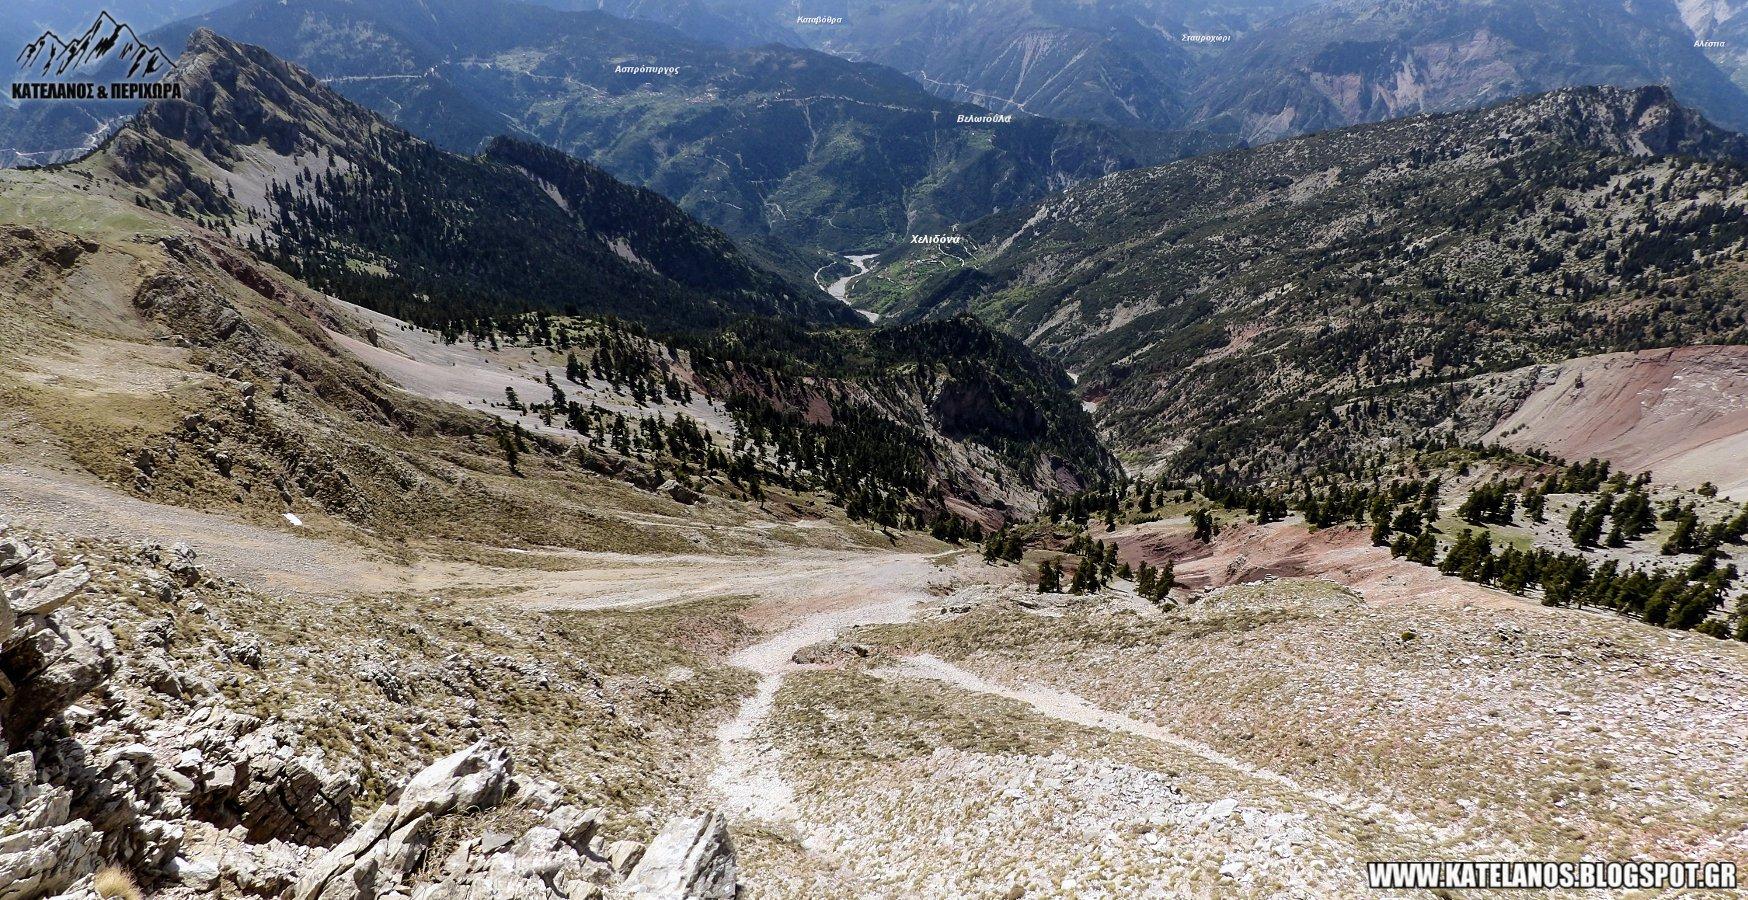 προσηλακι χελιδονας τρυπιο βουνο βνι λαστοβο χωριο